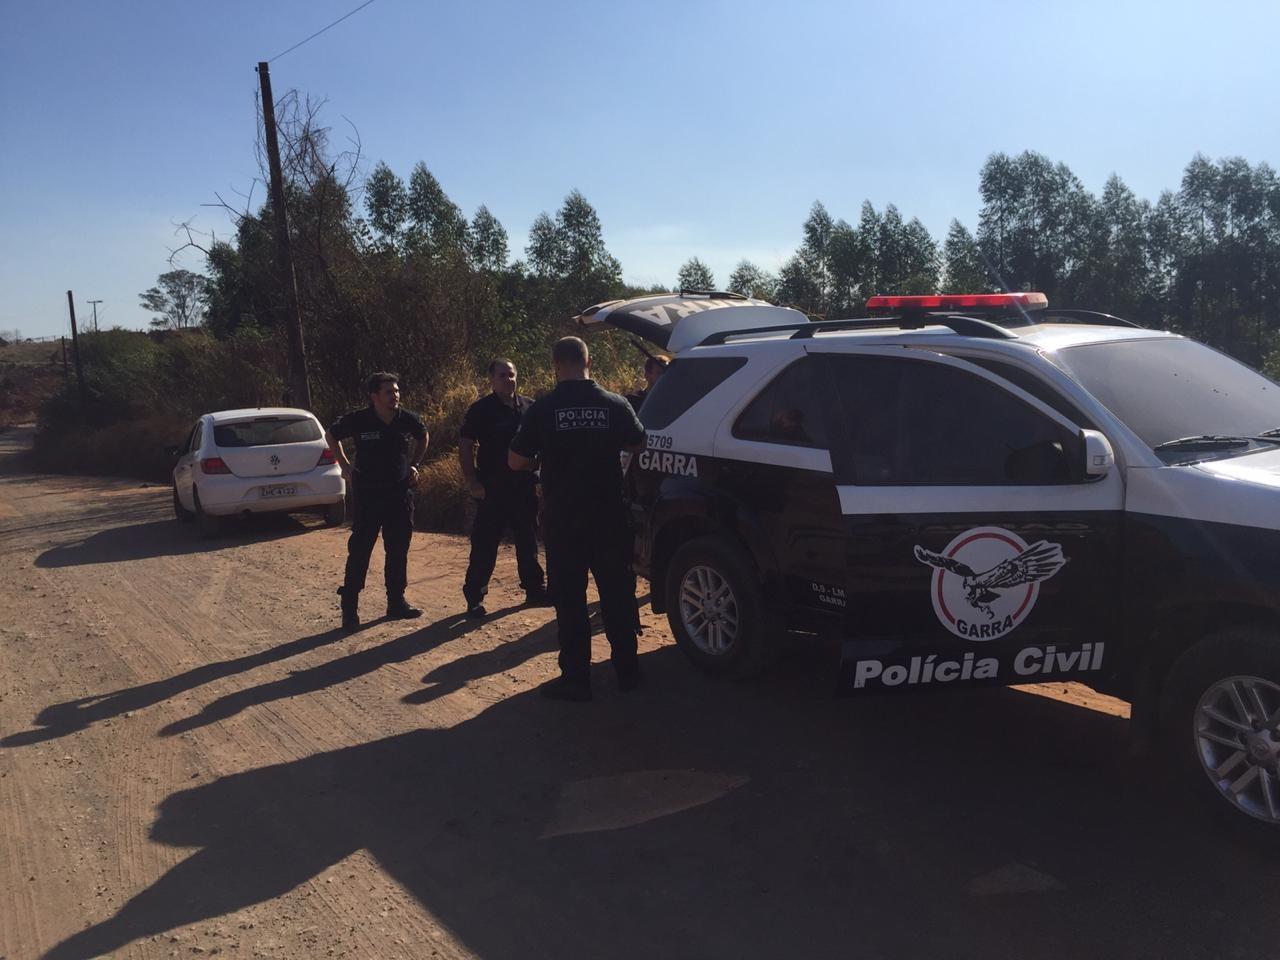 Suspeito de estuprar adolescente de 15 anos é preso em Limeira, SP - Notícias - Plantão Diário